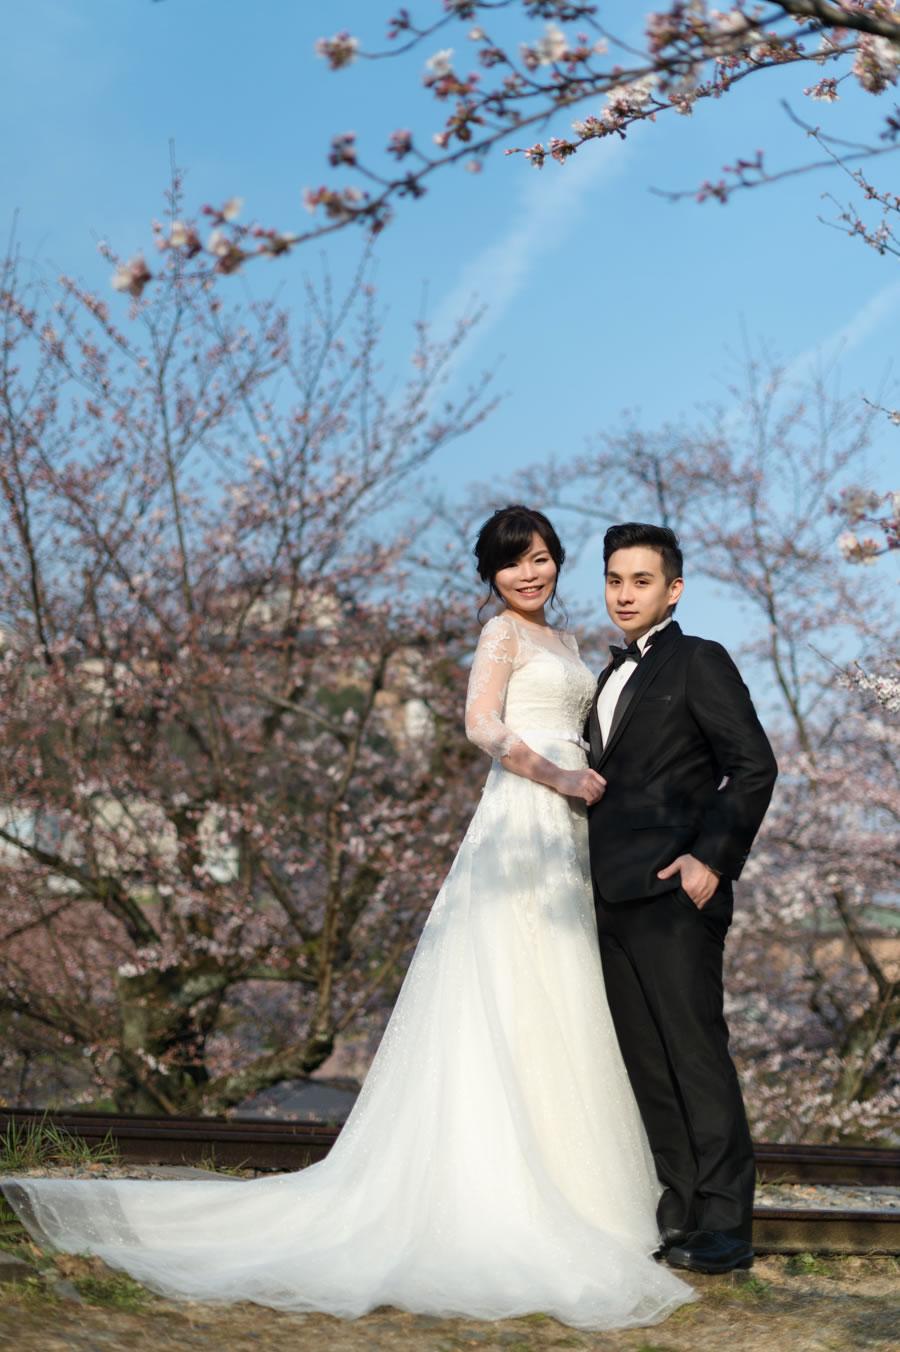 蹴上鐵道, 櫻花婚紗, Pre-wedding, 京都婚紗攝影, 海外婚紗, 自助婚紗, 自主婚紗, 手工婚紗, 自助婚紗工作室, 婚紗攝影工作室, 婚攝roger